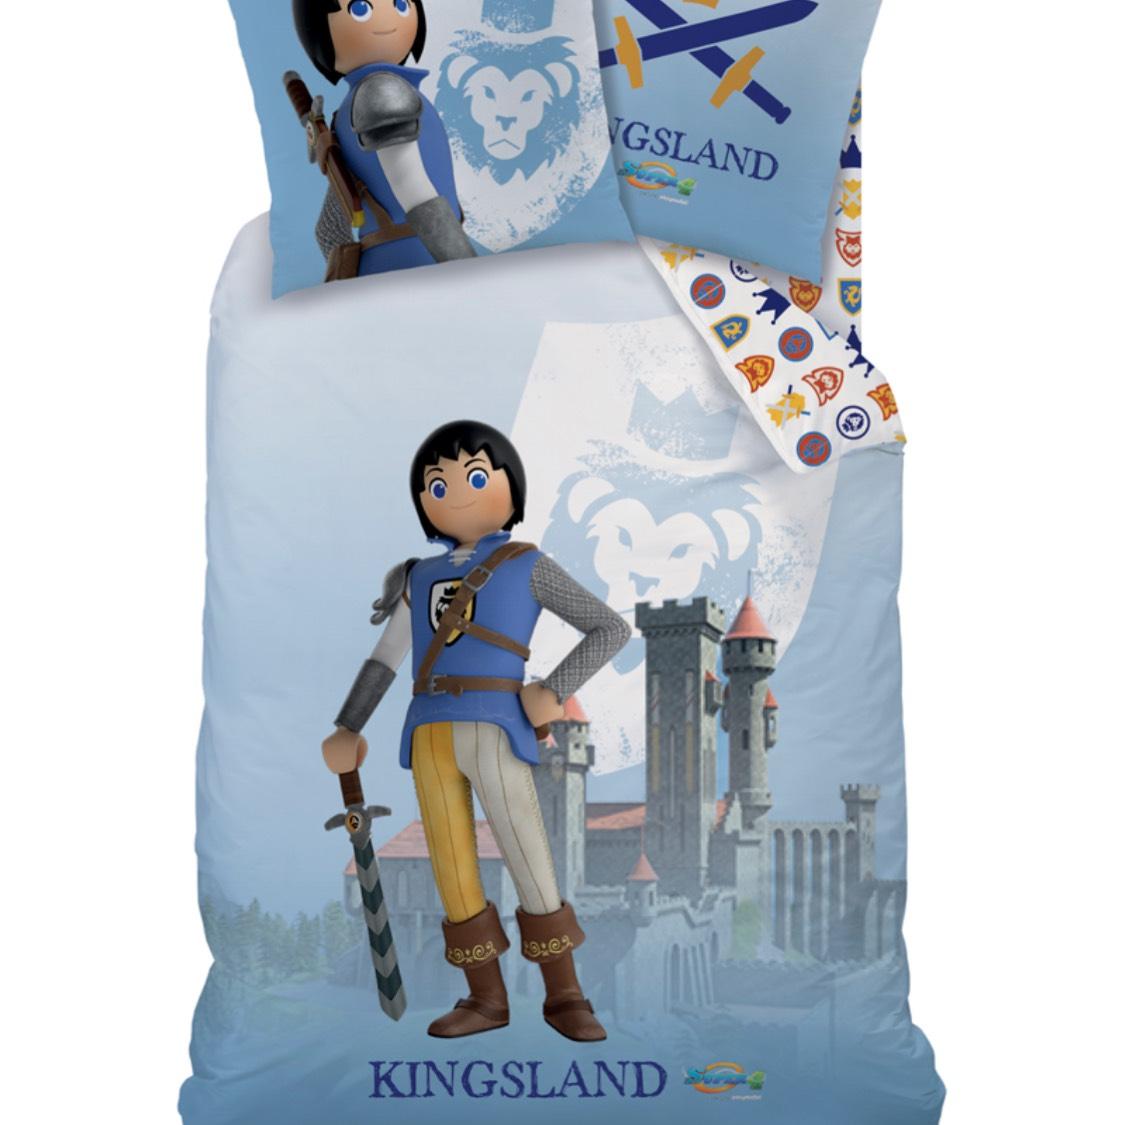 Parure de Couette Playmobil Kingsland en Coton Bleu-gris et blanc - 140 x 200cm